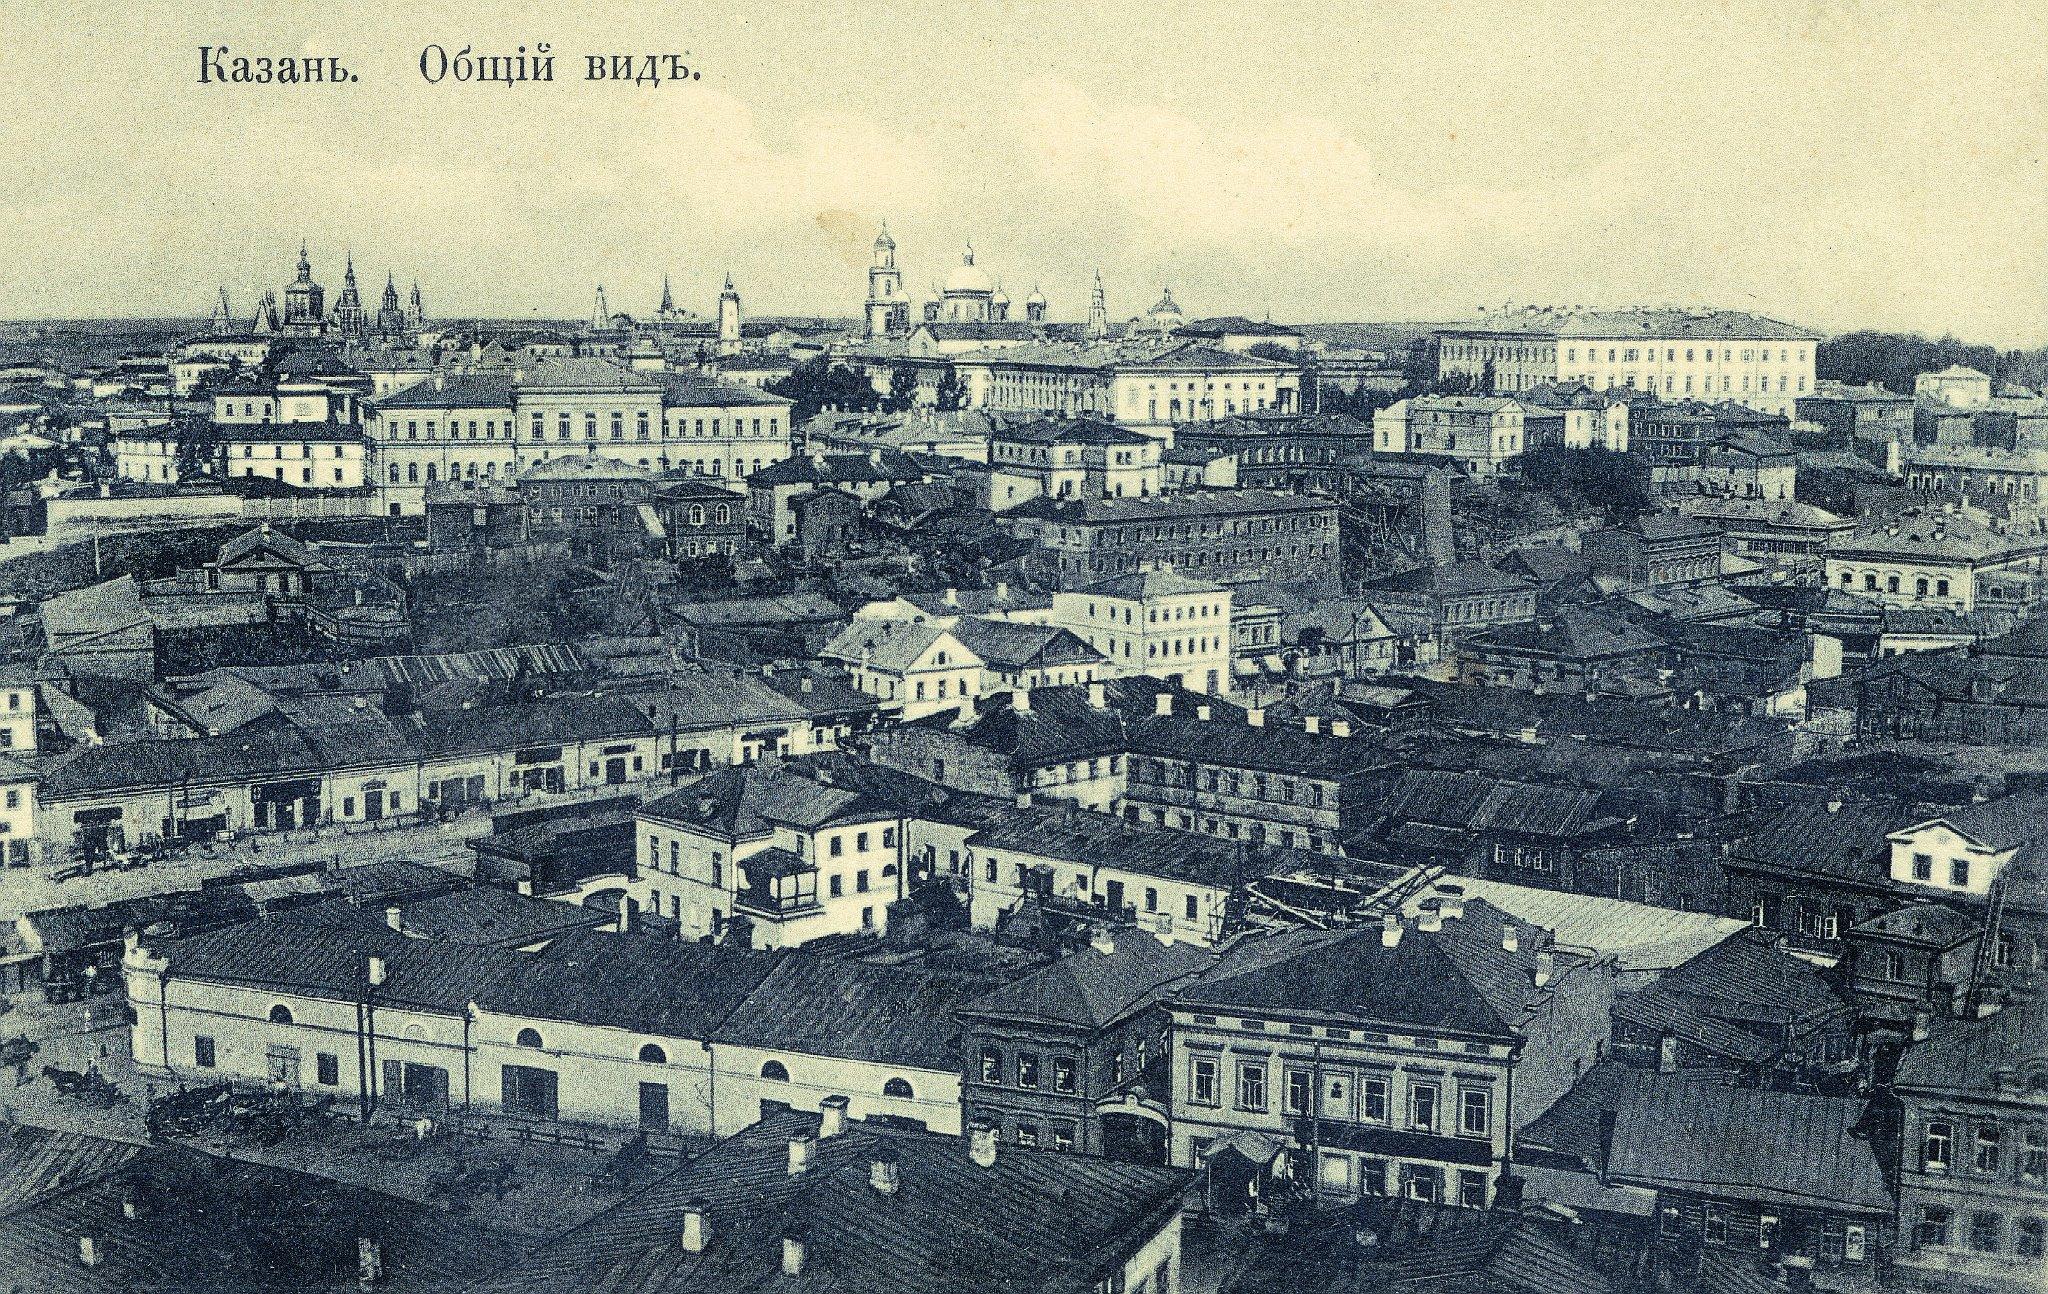 1897-1900-е. Общий вид. Снято с пожарной каланчи